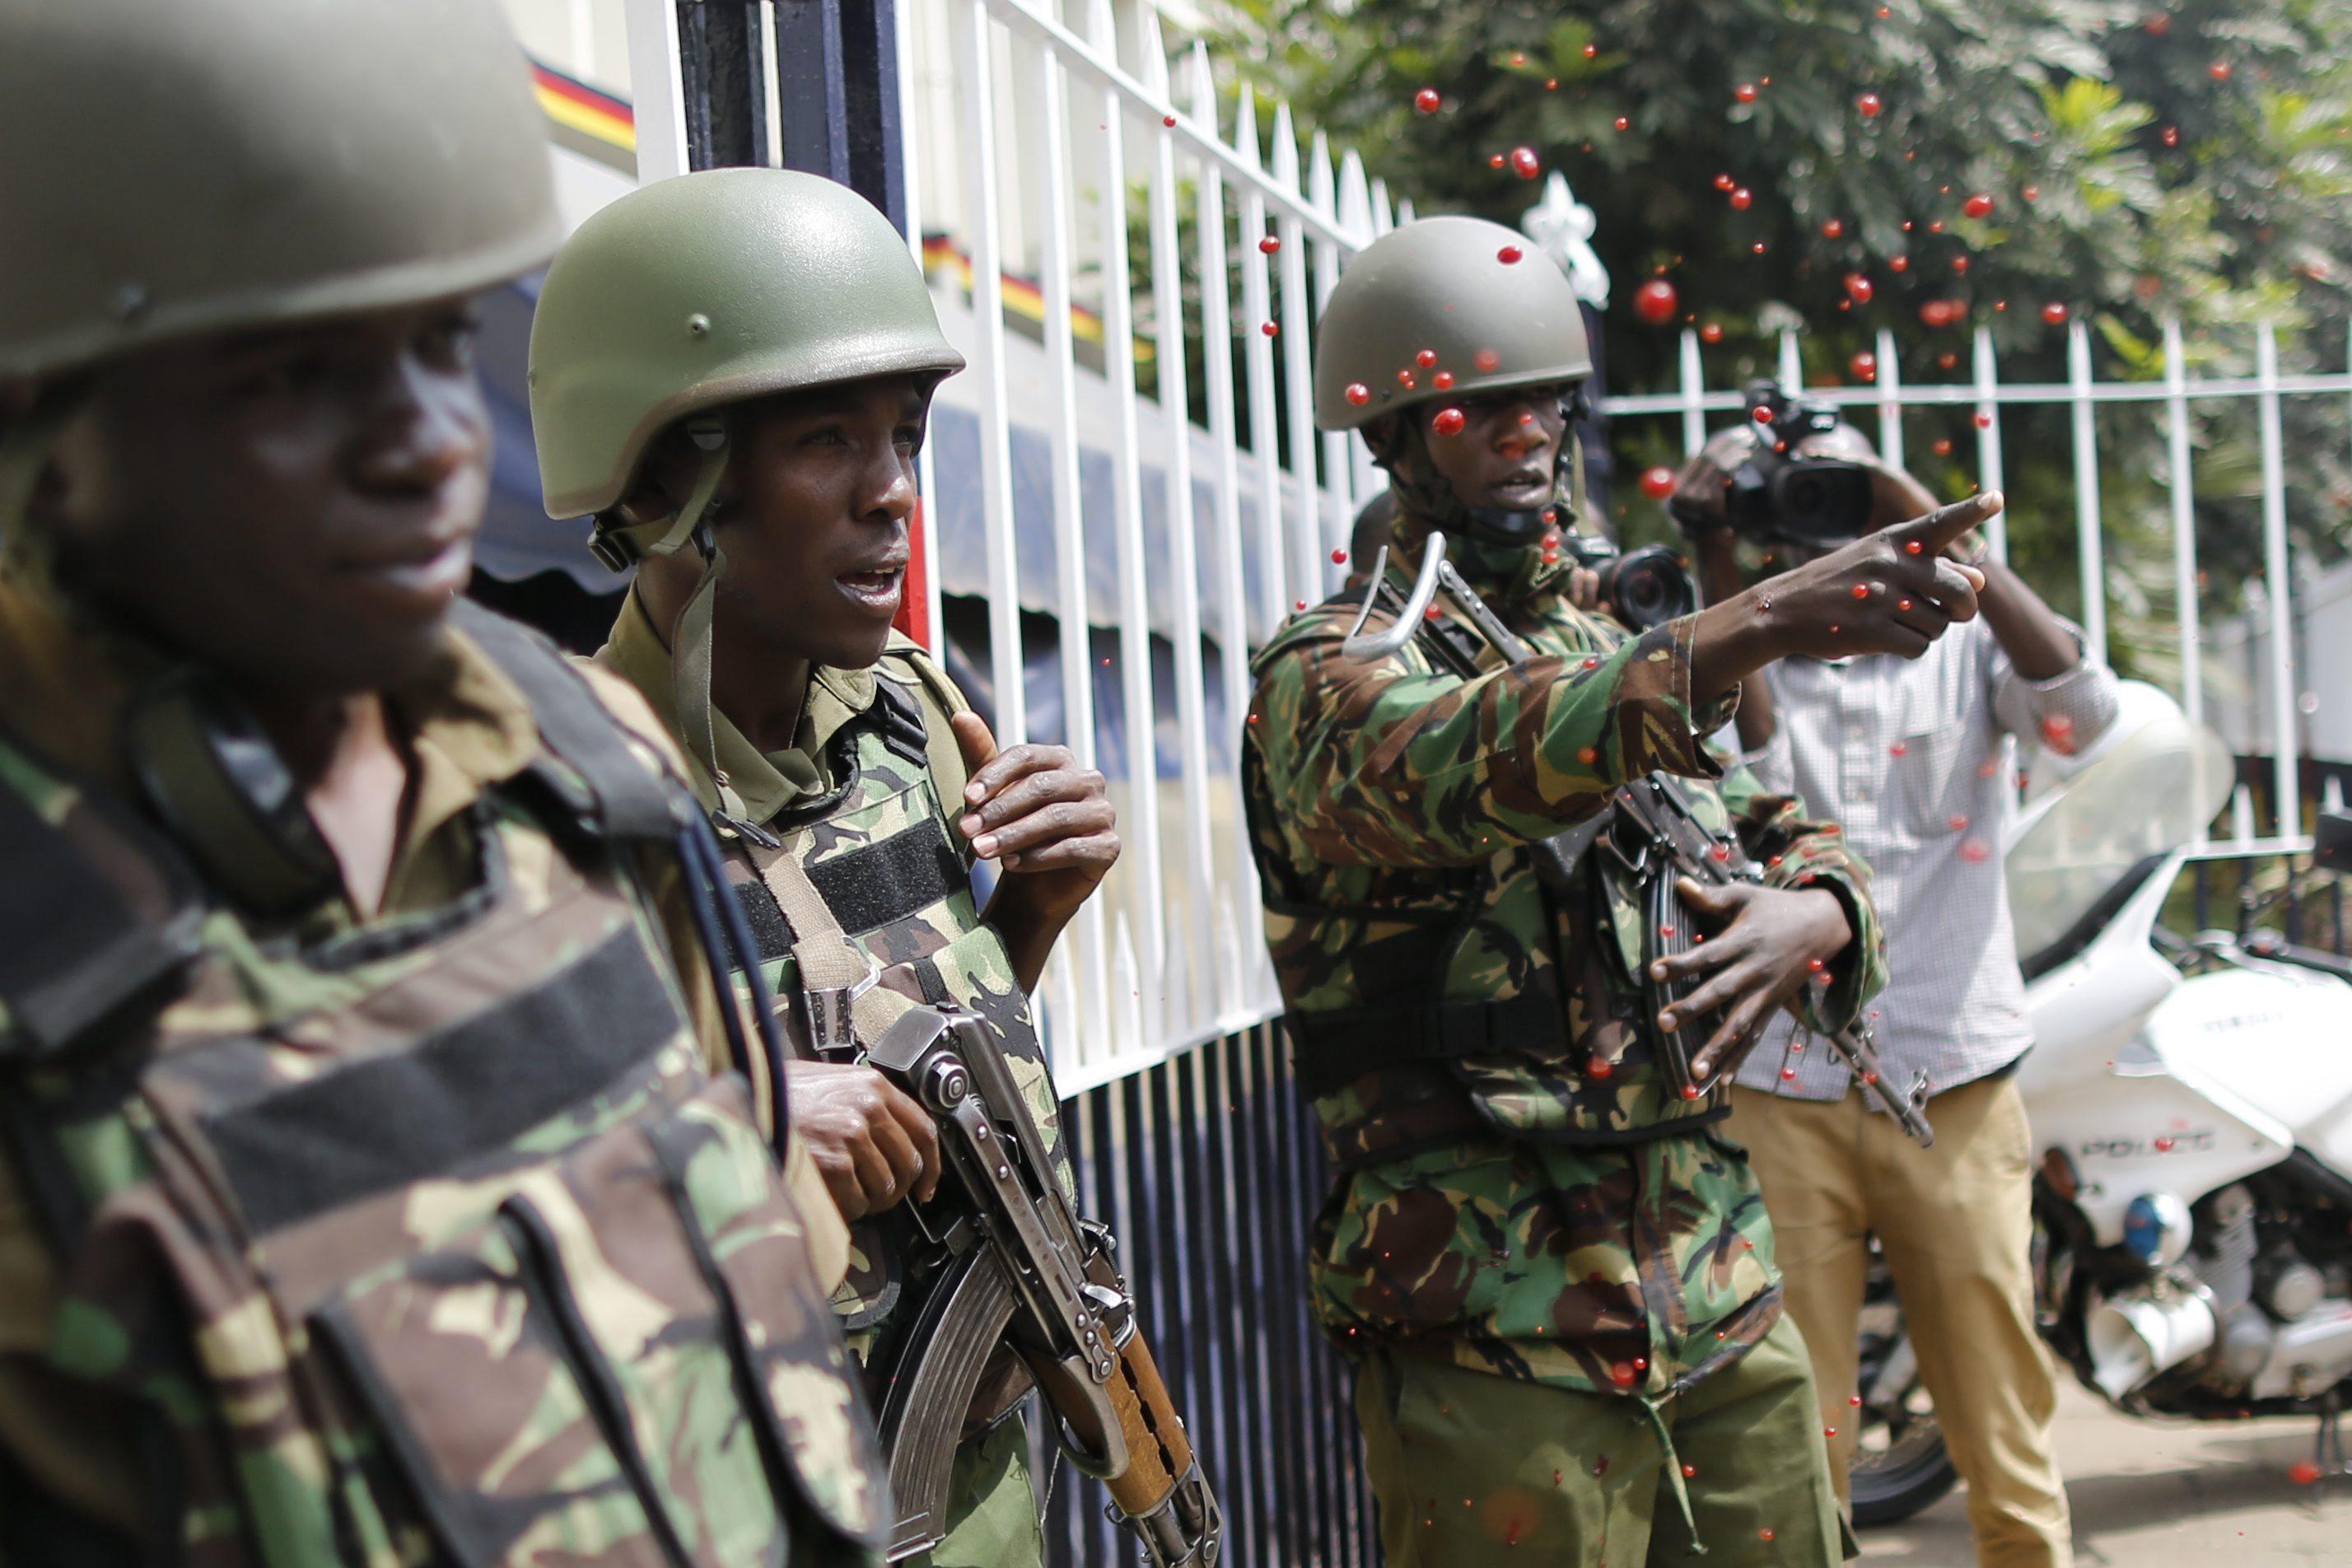 DAI05 NAIROBI (KENIA) 04/07/2016.- Un activista arroja pintura roja sobre los agentes de la polícia durante una protesta contra las ejecuciones policiales en el centro de Nairobi, Kenia hoy, 4 de julio de 2016. Abogados, activistas y familiares de víctimas de las ejecuciones policiales se manifestaron hoy en las principales ciudades de Kenia para exigir el fin de los asesinatos que la Policía y otros cuerpos de seguridad practican con impunidad. En 2014, 181 personas fueron ejecutadas por la Policía en Kenia, 97 en 2015 y 53 entre enero y abril de este año, estima la Unidad Médico-Legal Independiente (IMLU), que realiza informes sobre la tortura. EFE/Dai Kurokawa